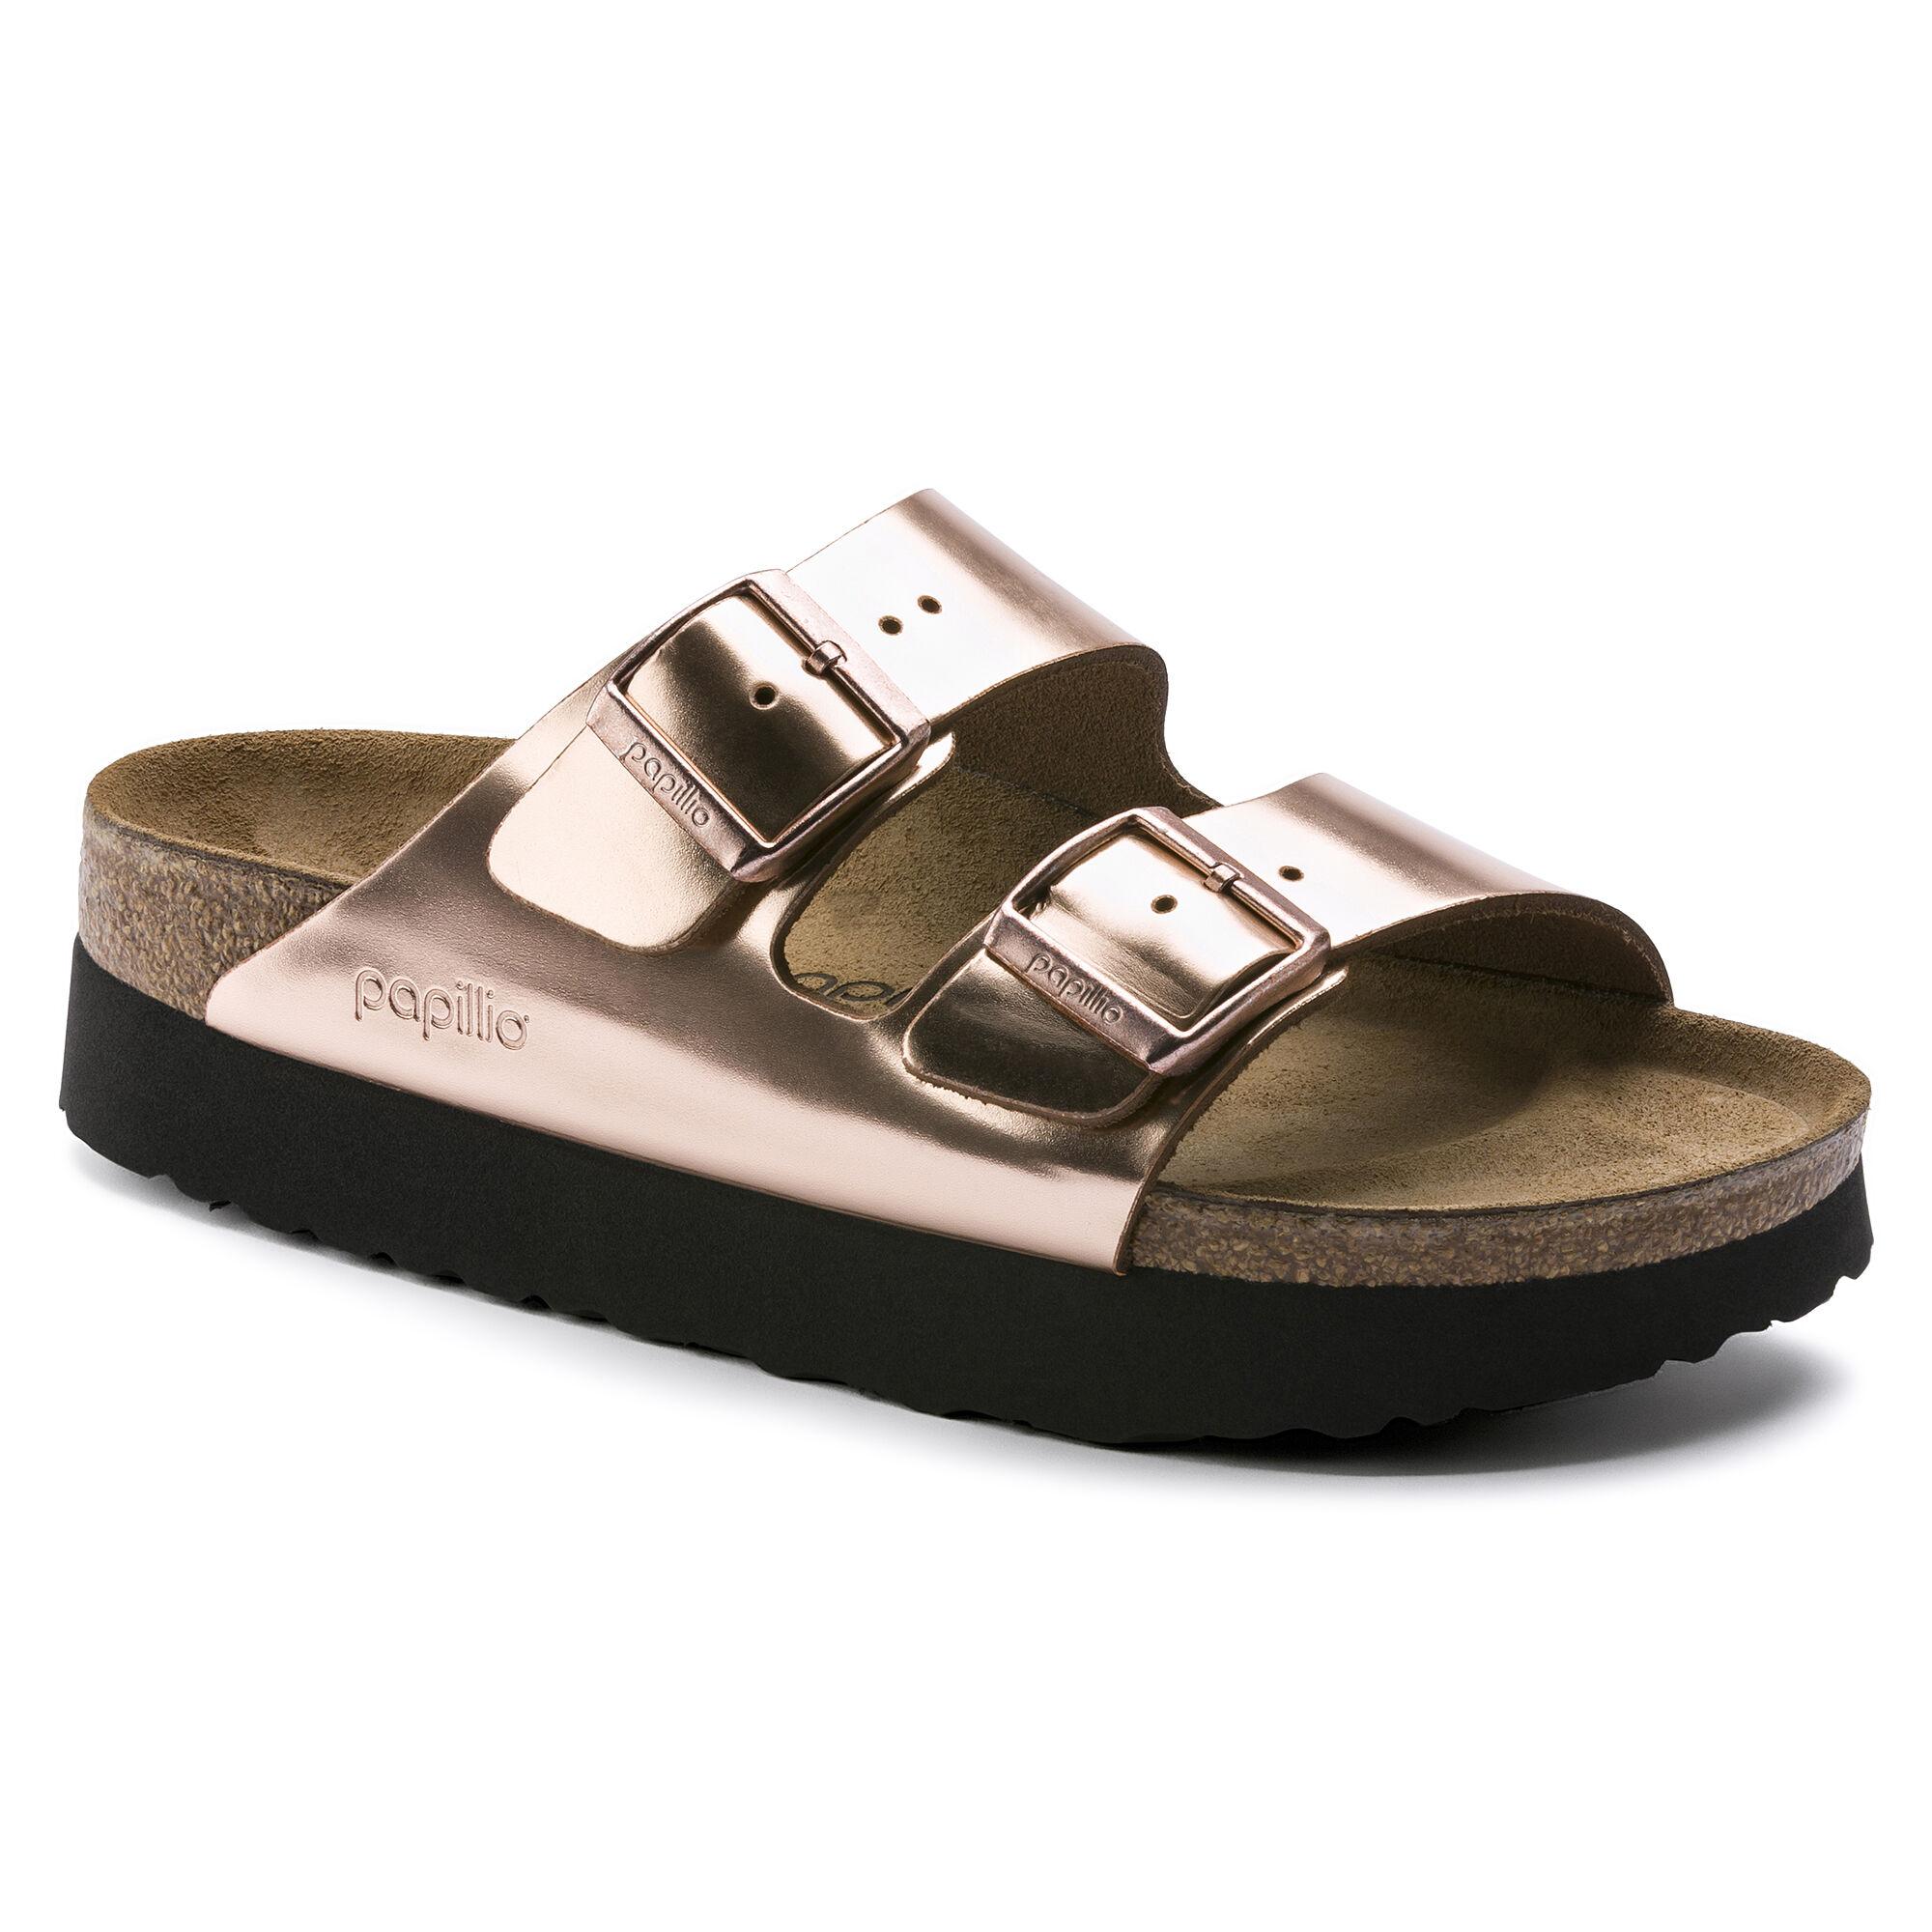 Sandalen met plateauzolen   online kopen bij BIRKENSTOCK